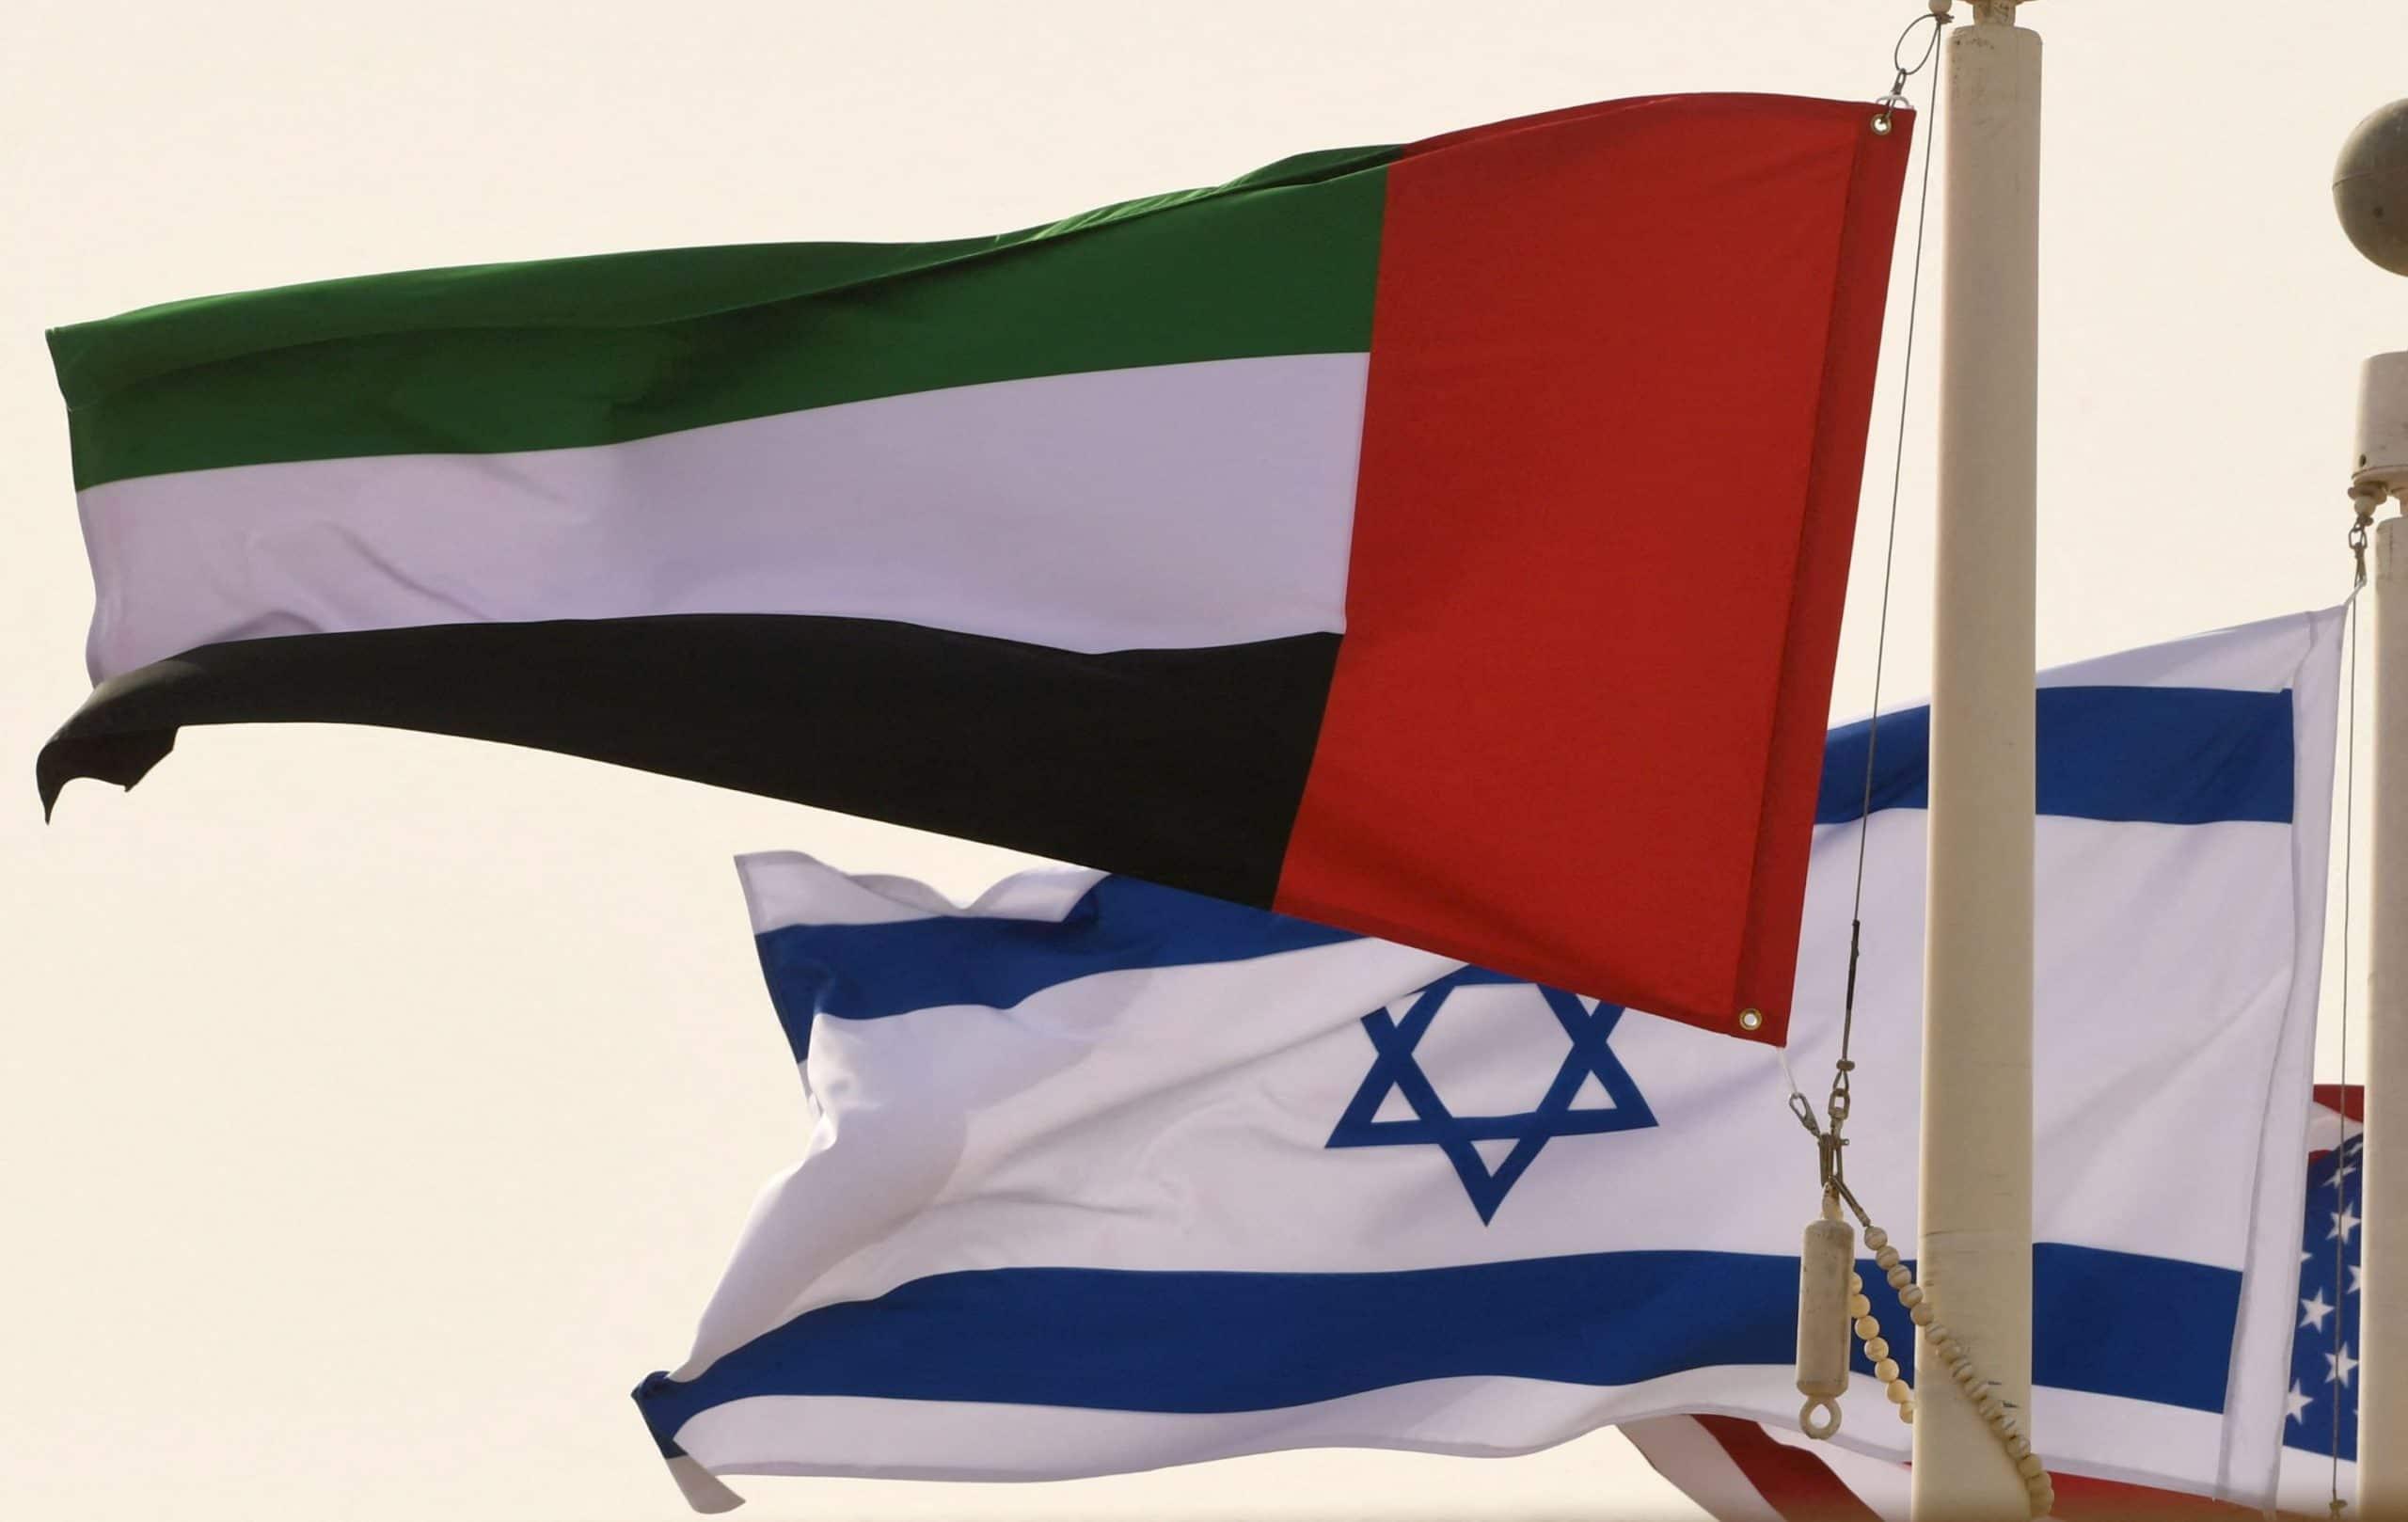 تقرير يكشف عن انشاء قاعدة عسكرية إسرائيلية تحت الأرض في الإمارات